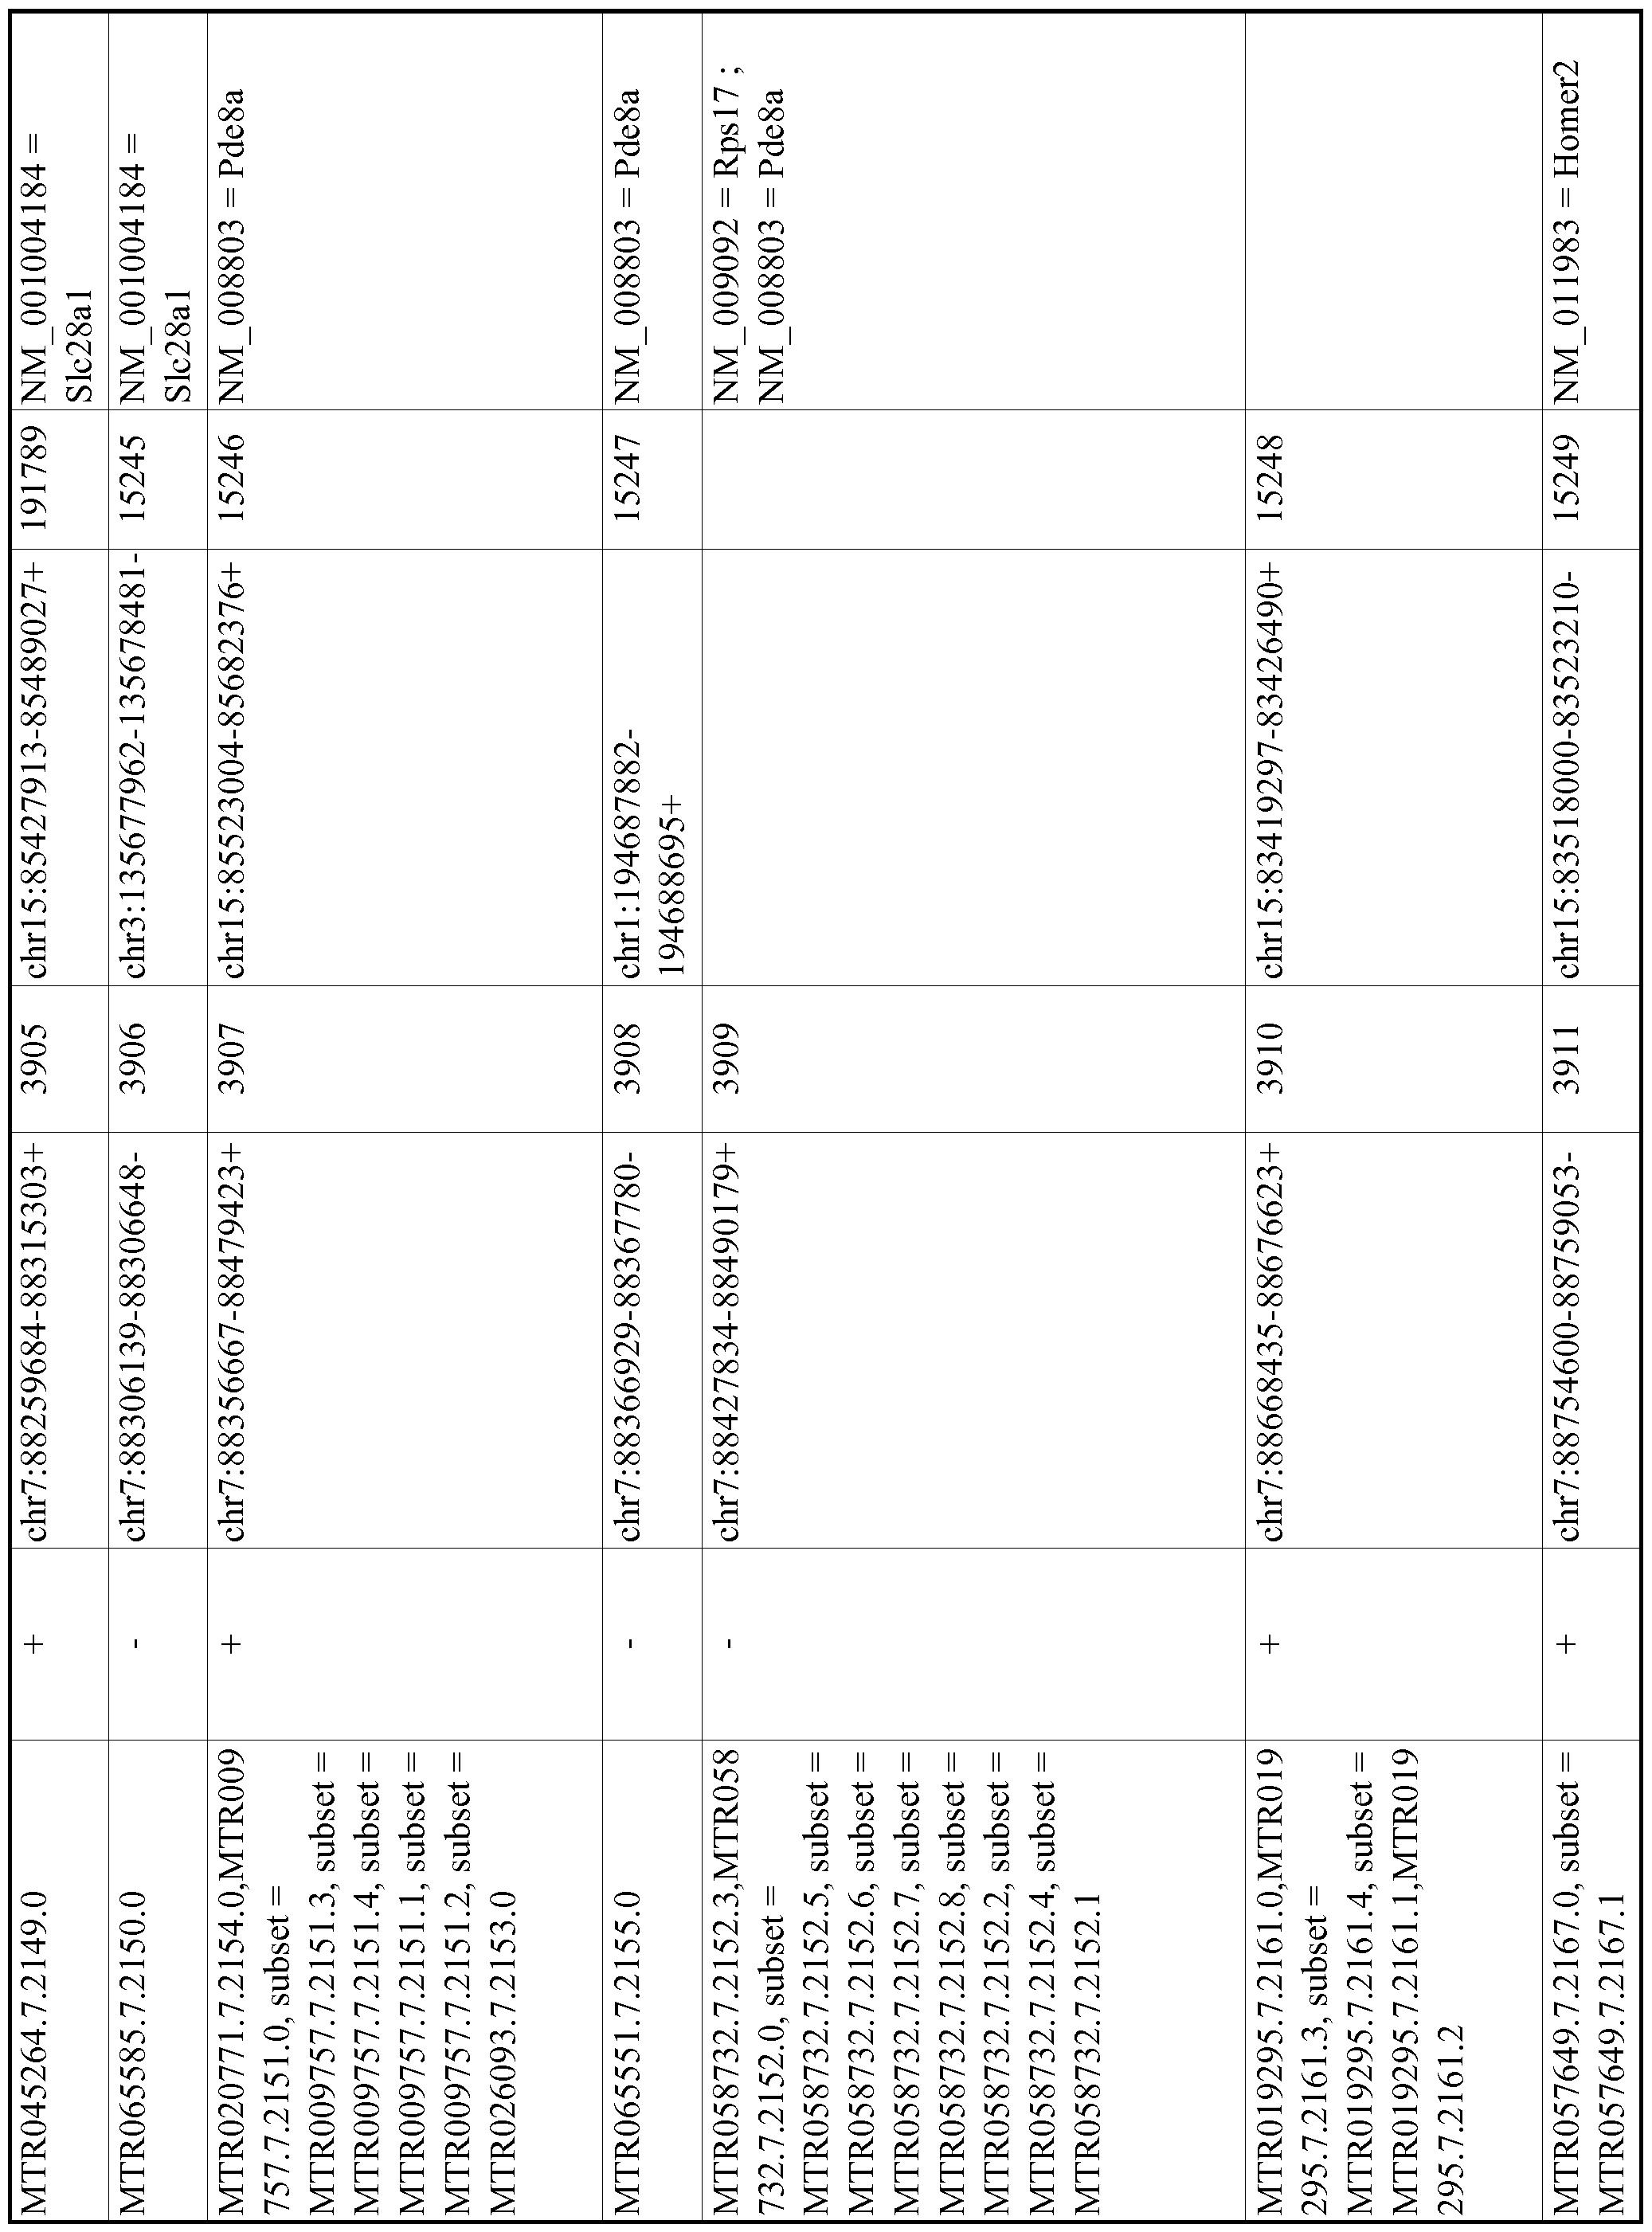 Figure imgf000748_0001